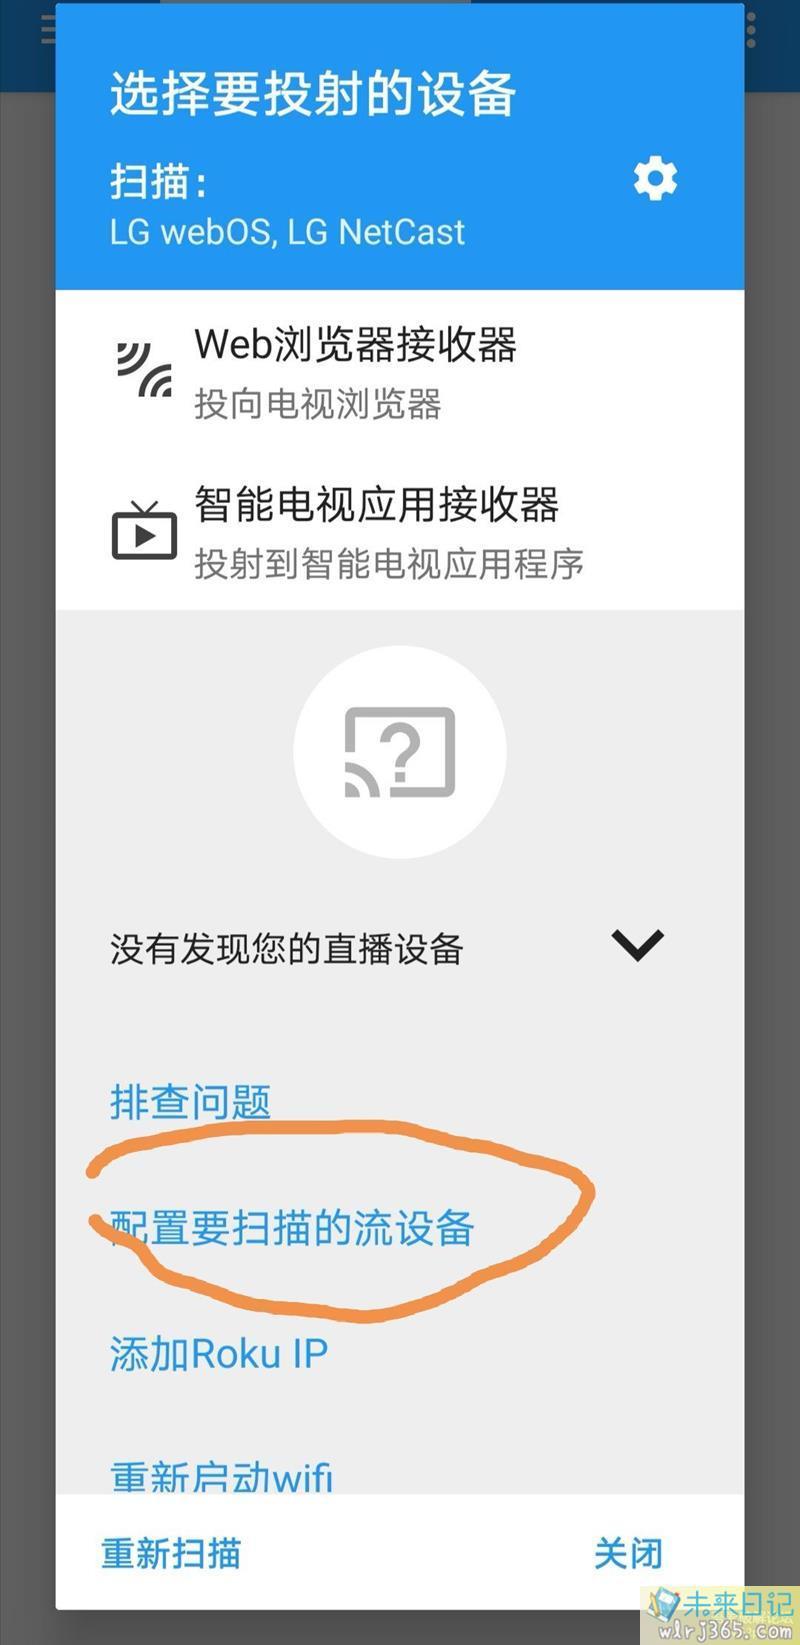 安卓快点投屏v1.5.0.3绿化版,支持投屏各视频网站和百度网盘图片 No.3